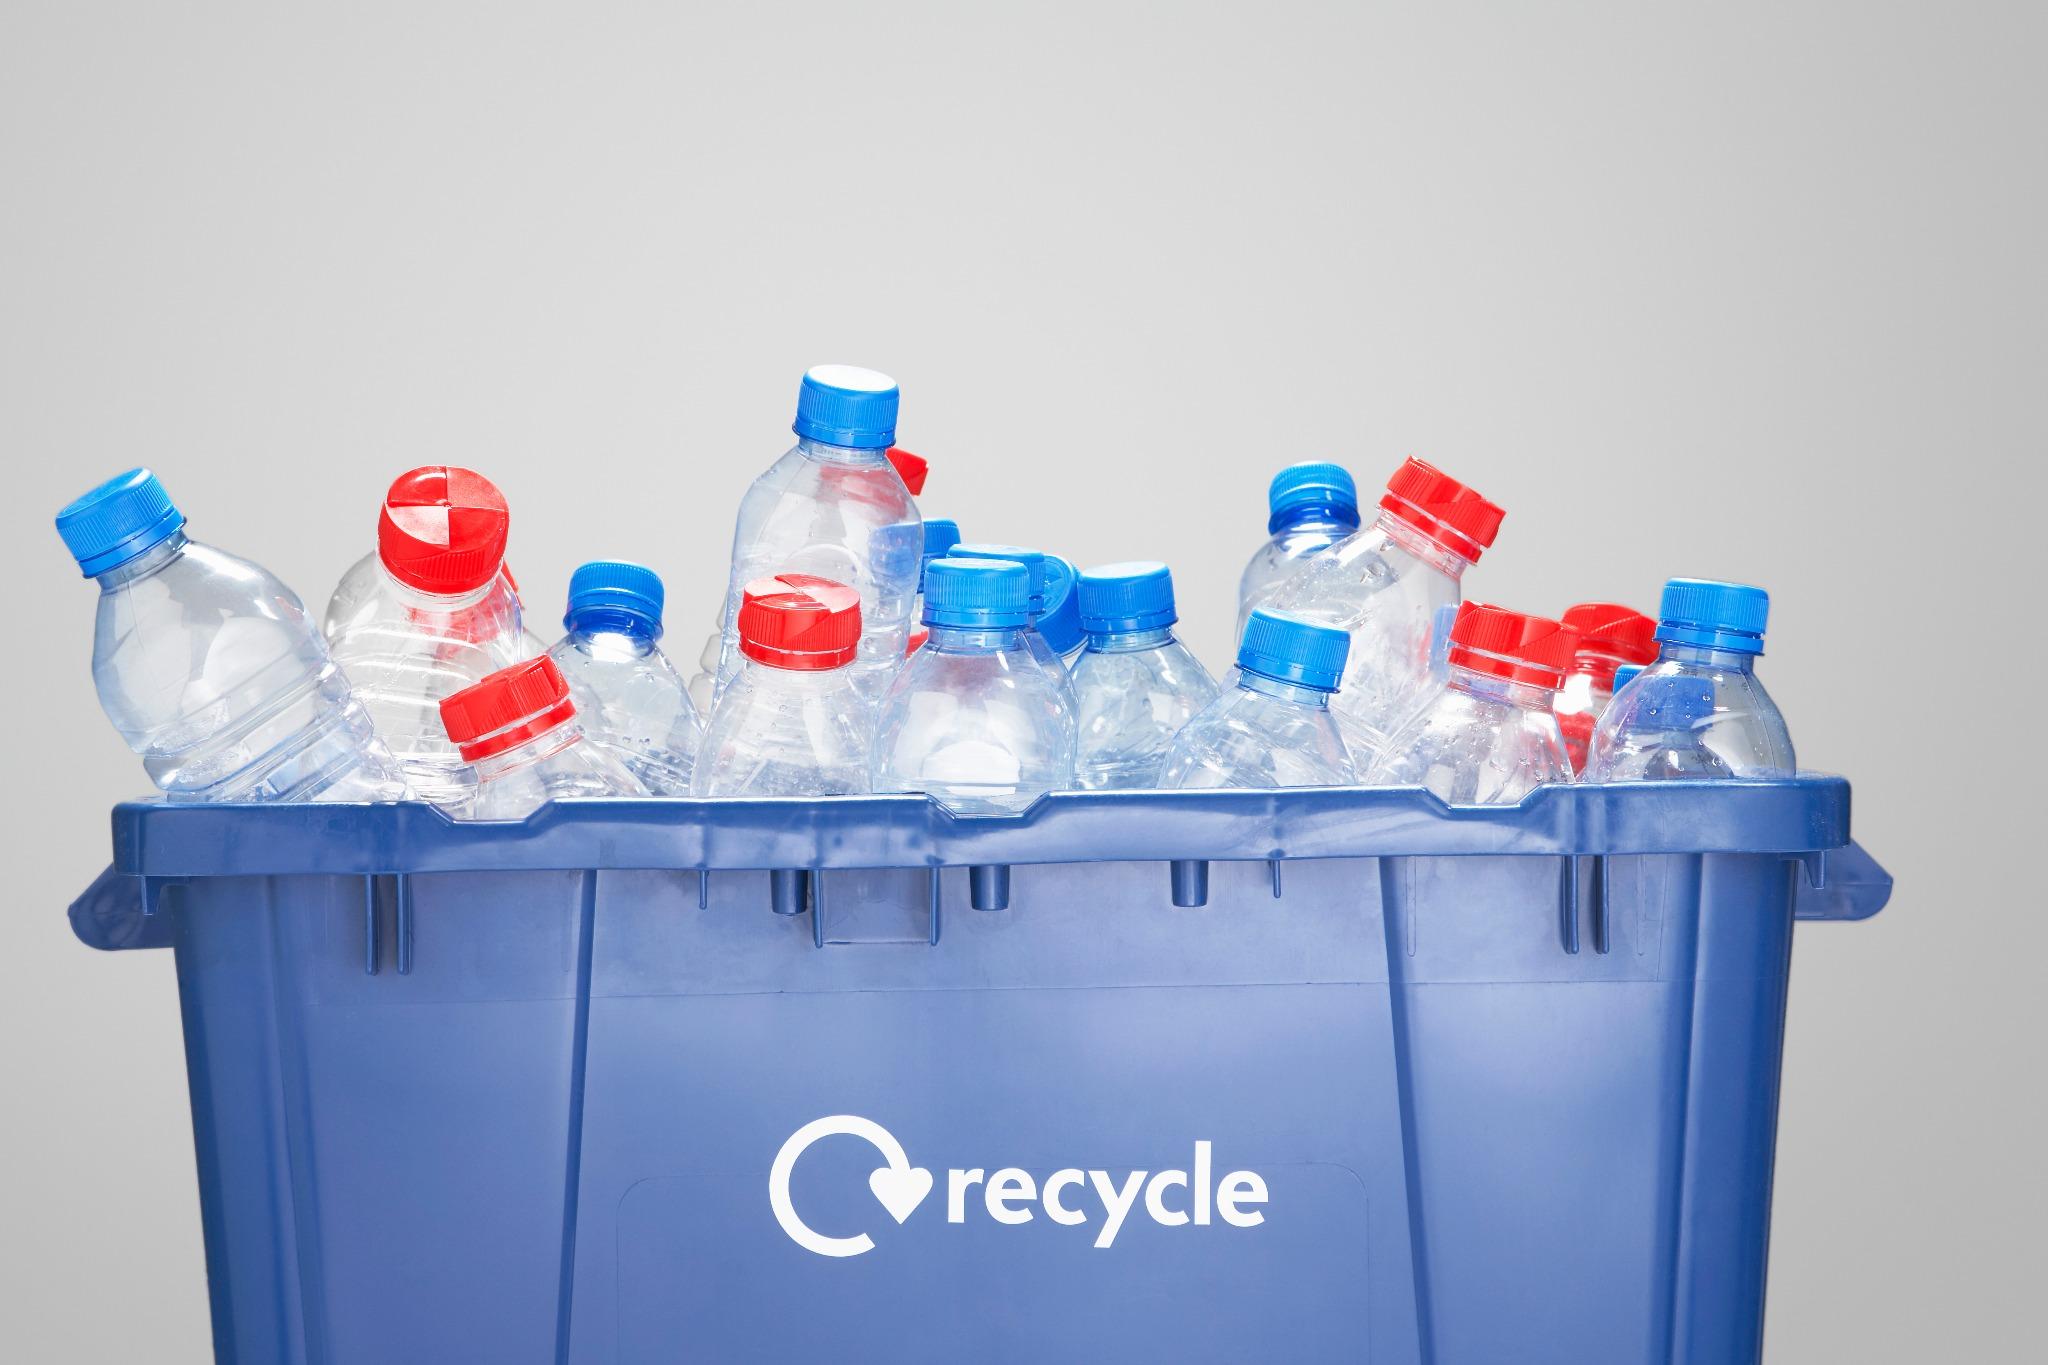 Вывоз пластиковых отходов для переработки — куда сдать вторсырье